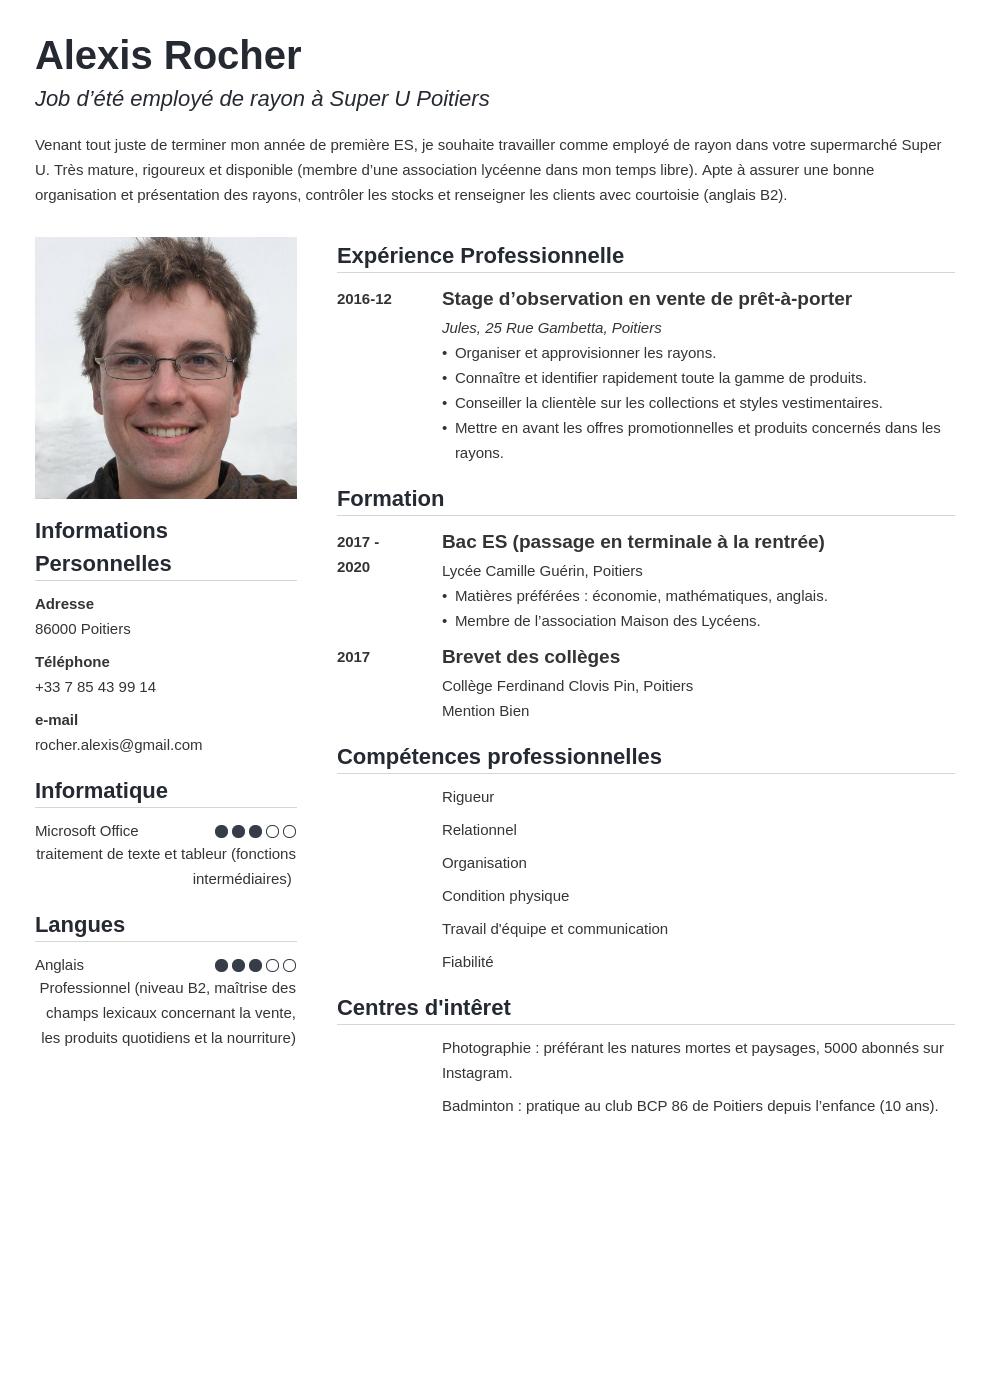 CV job d'été : exemple gratuit pour trouver un emploi cet été